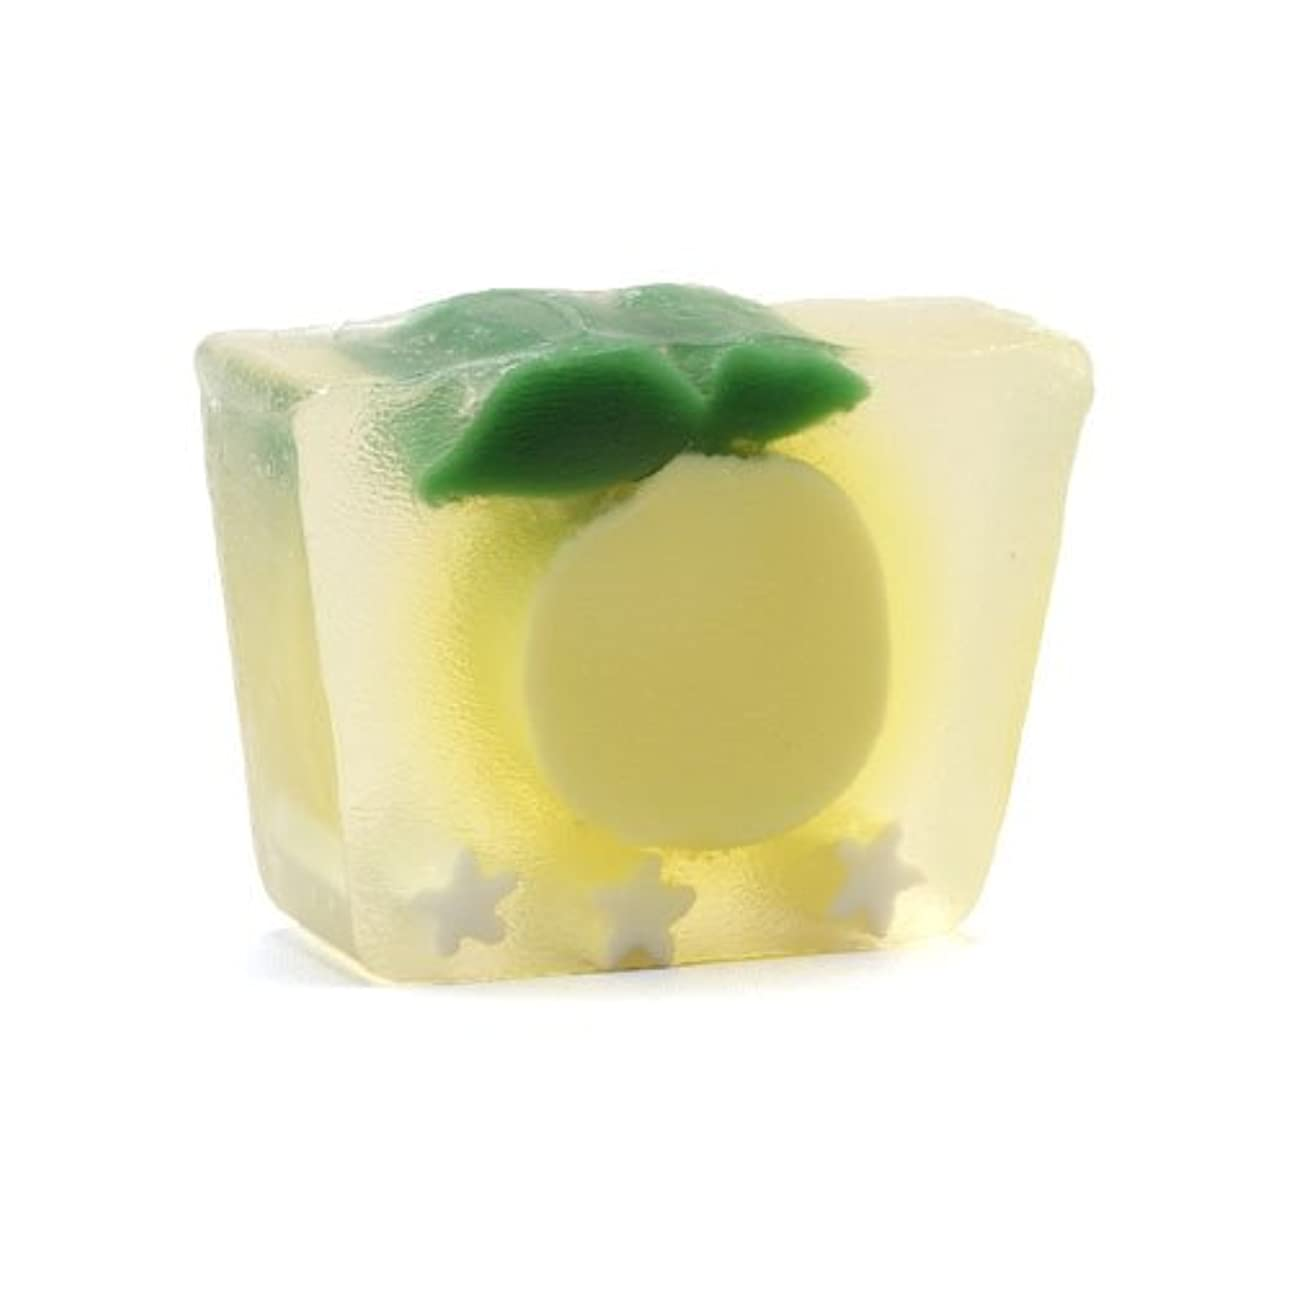 生む酔うステートメントプライモールエレメンツ アロマティック ミニソープ カリフォルニアレモン 80g 植物性 ナチュラル 石鹸 無添加